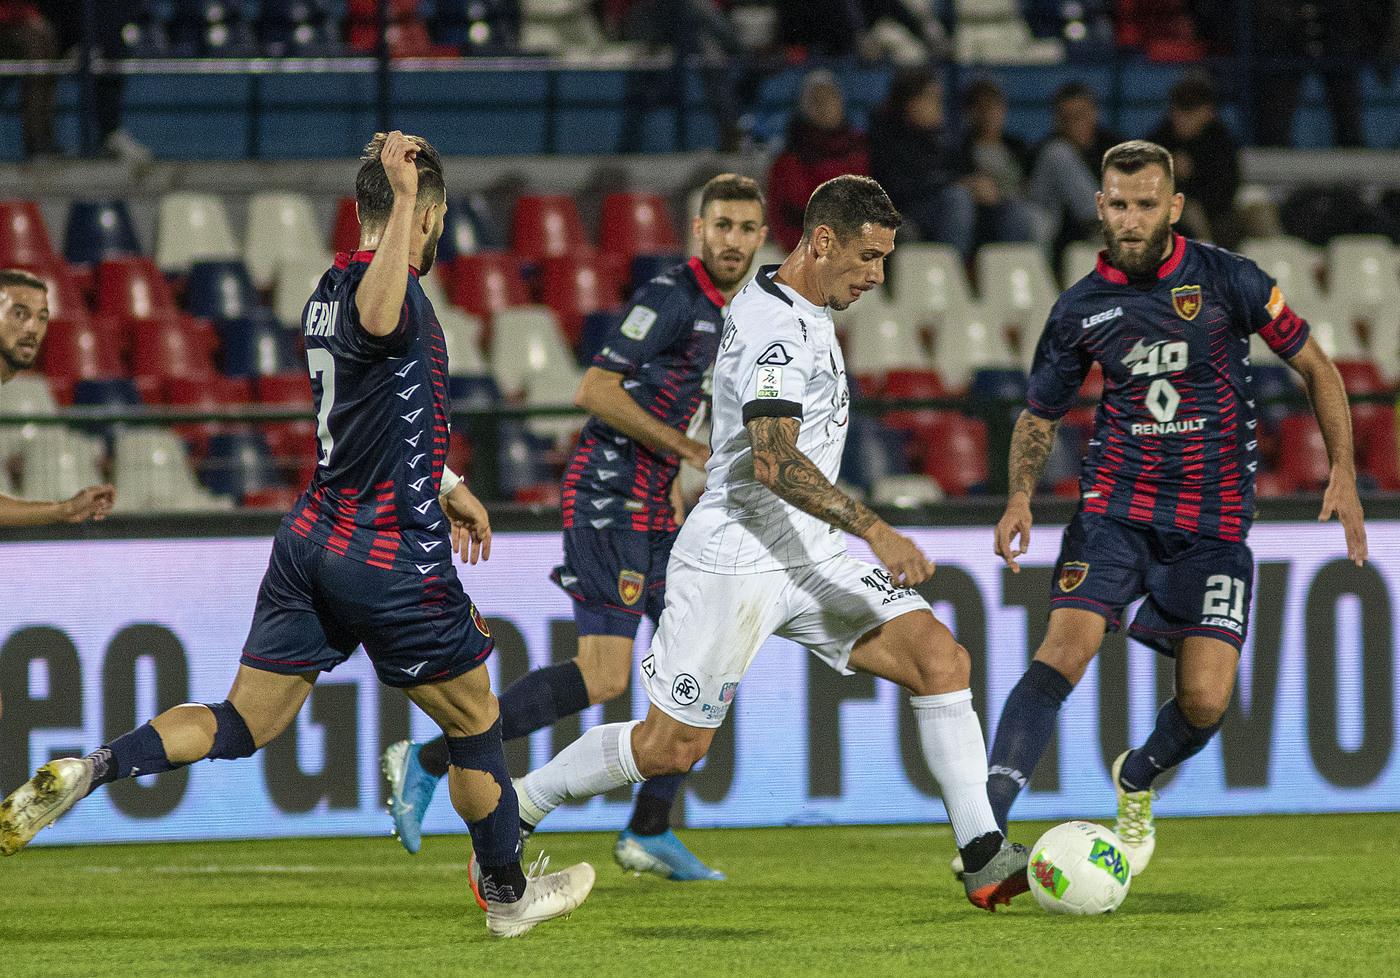 Antonio Arena/LaPresse